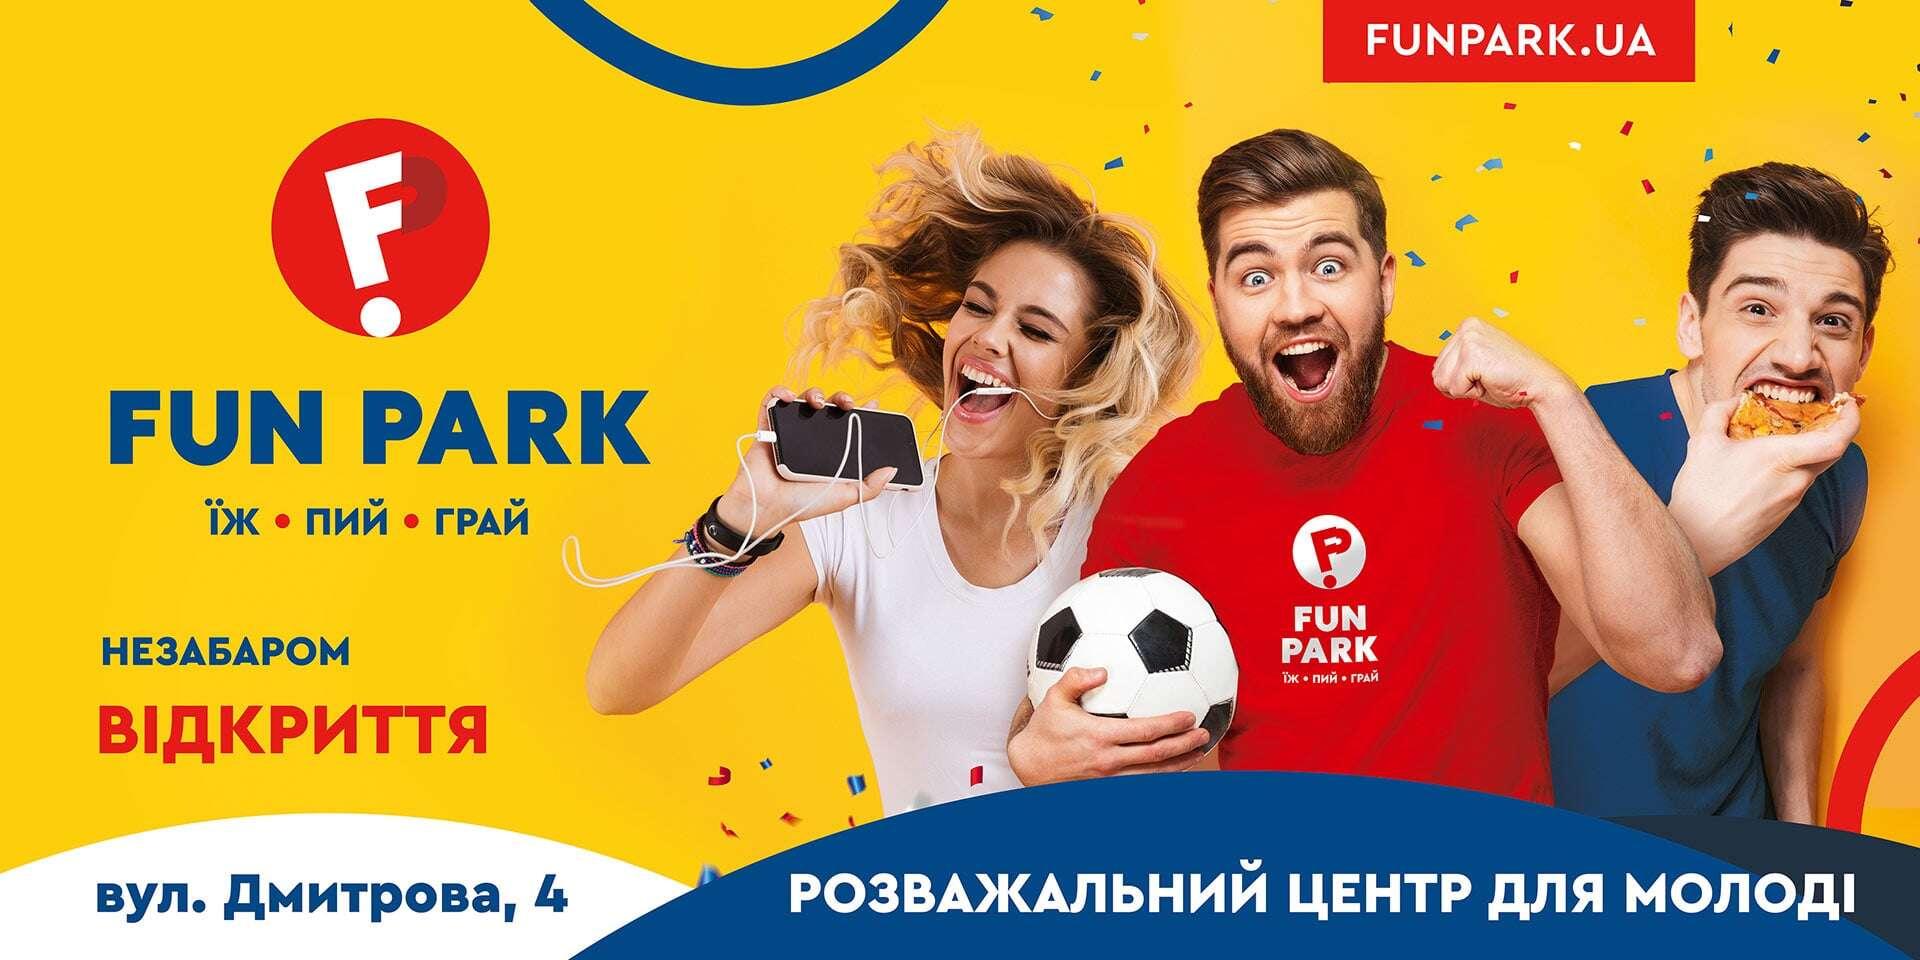 билборд развлекательного центра Fun Park